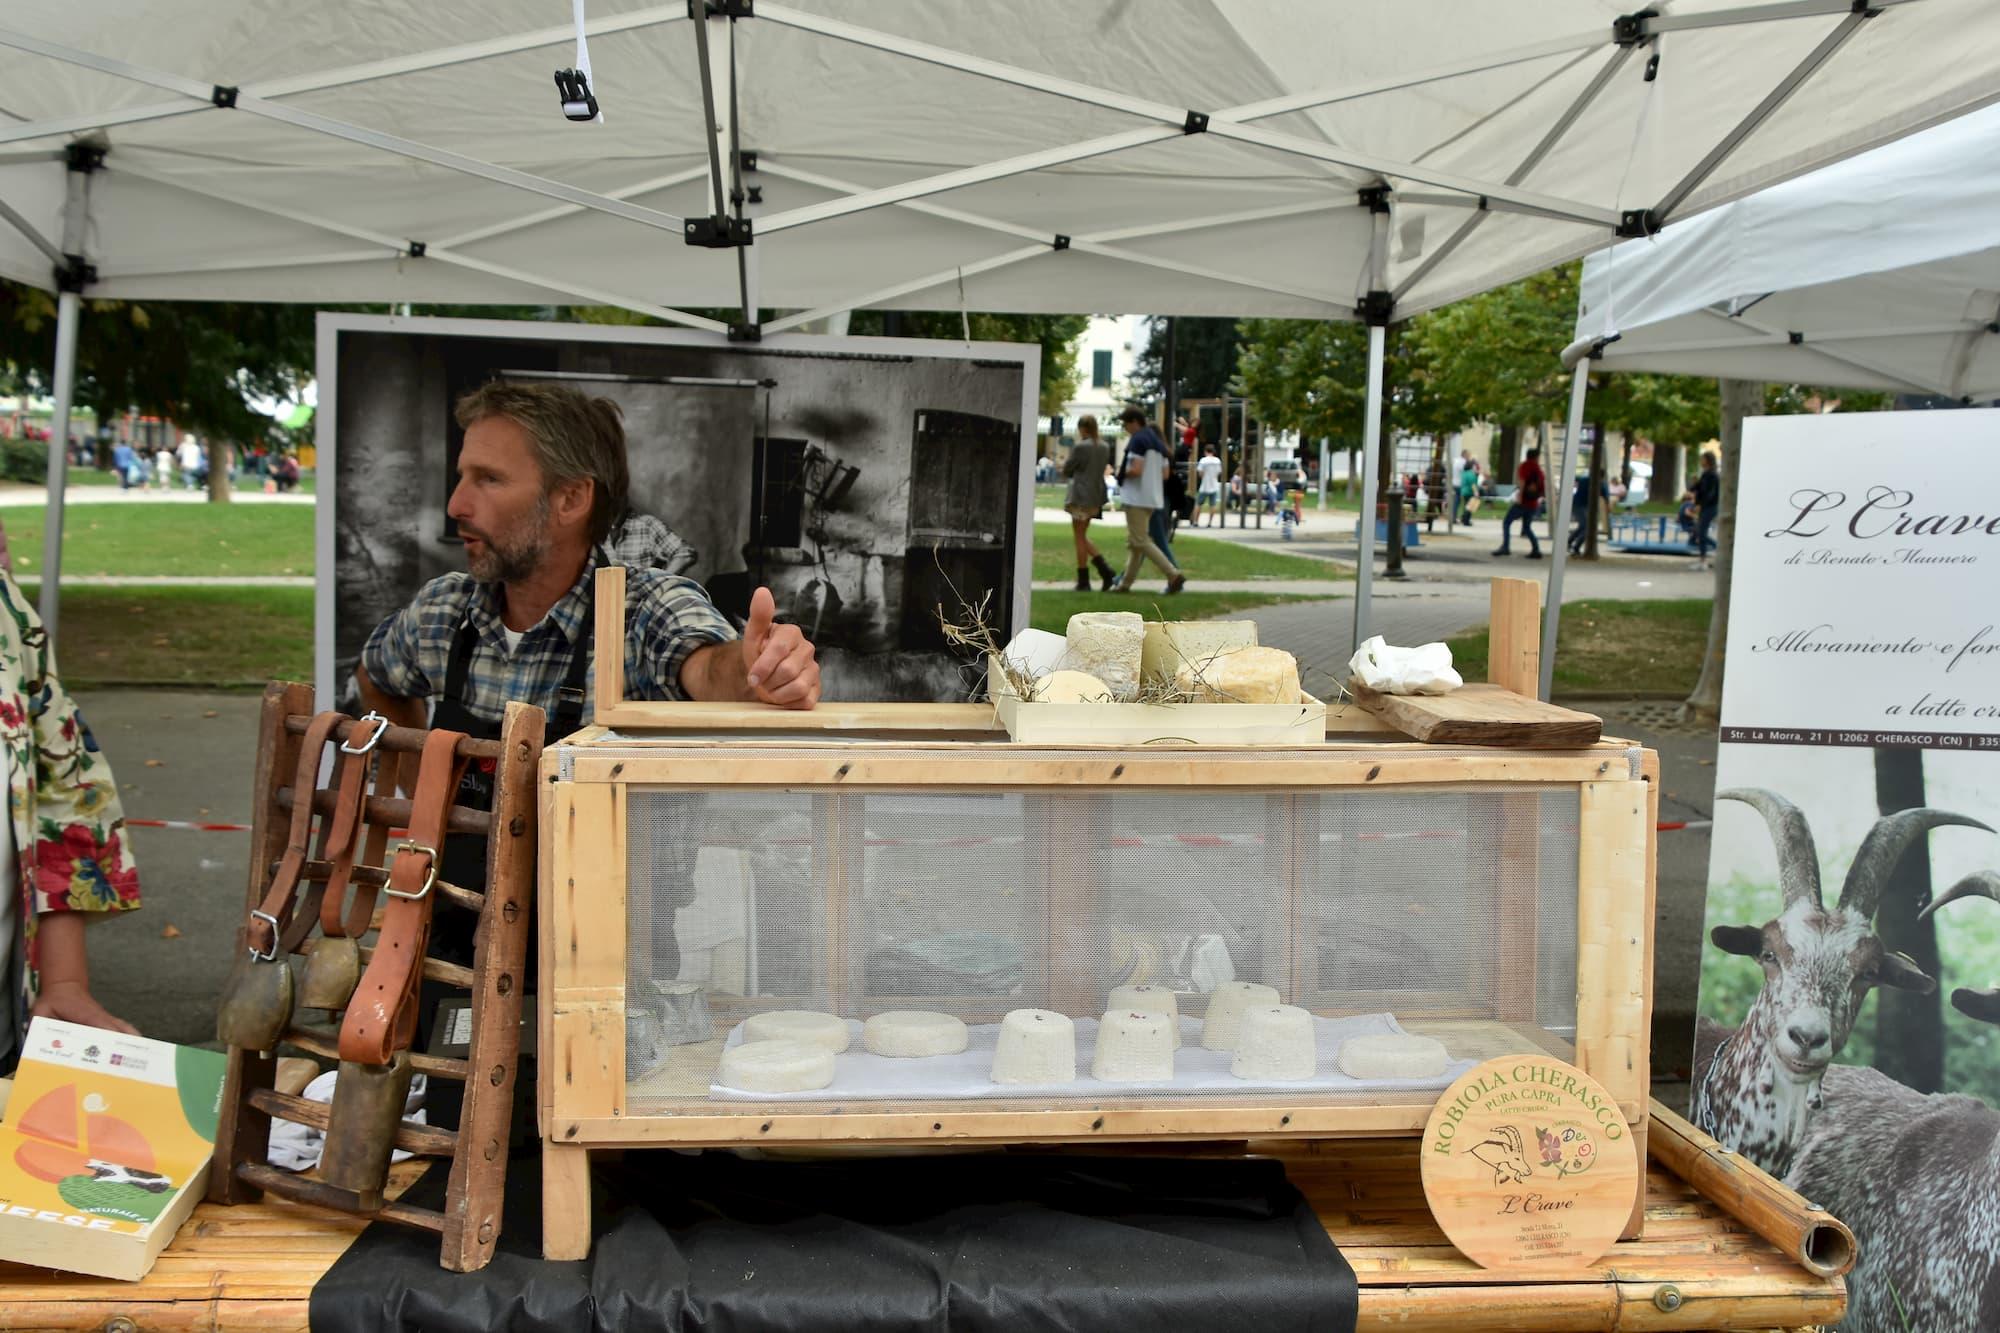 ピエモンテ州ブラでのチーズ祭で、チーズづくりが文化やイタリアの風景の一部であることをアピールしていた酪農家。